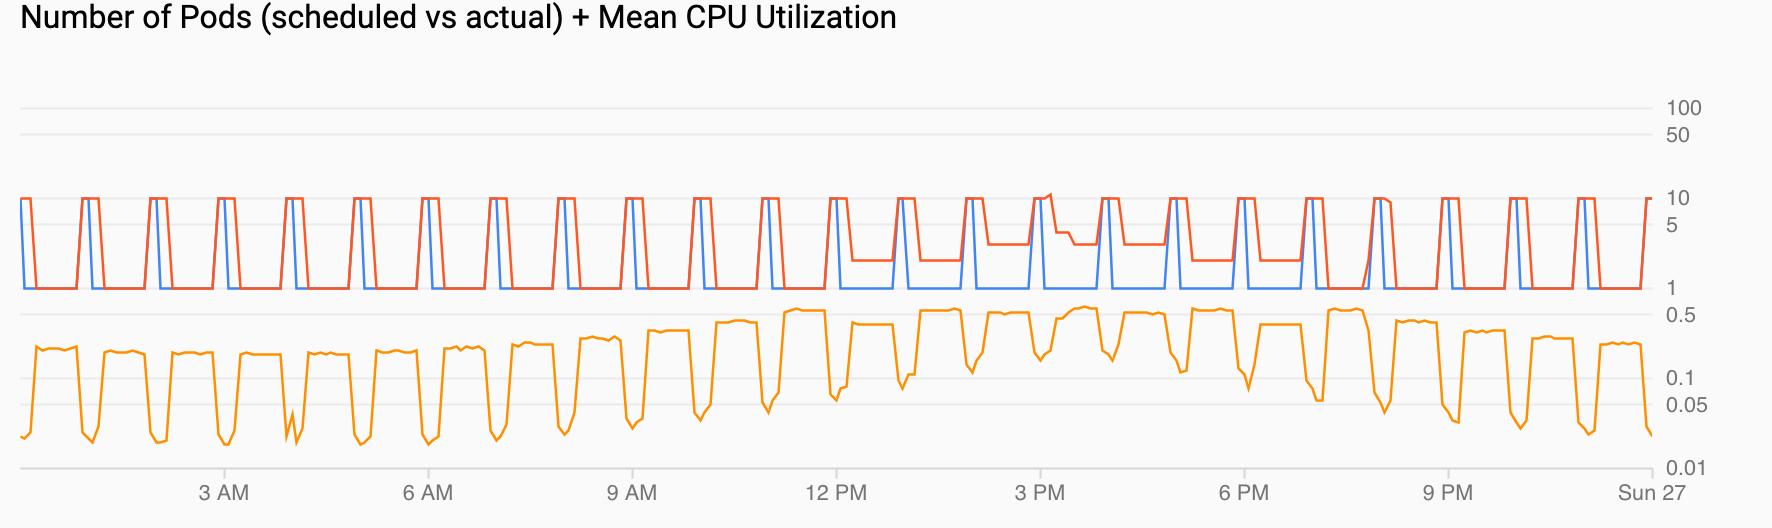 2 gráficos. Um mostra a demanda por pods com picos de demanda a cada hora. O outro mostra que a utilização de CPU aumenta e diminui, mas de cima para baixo valor alto.